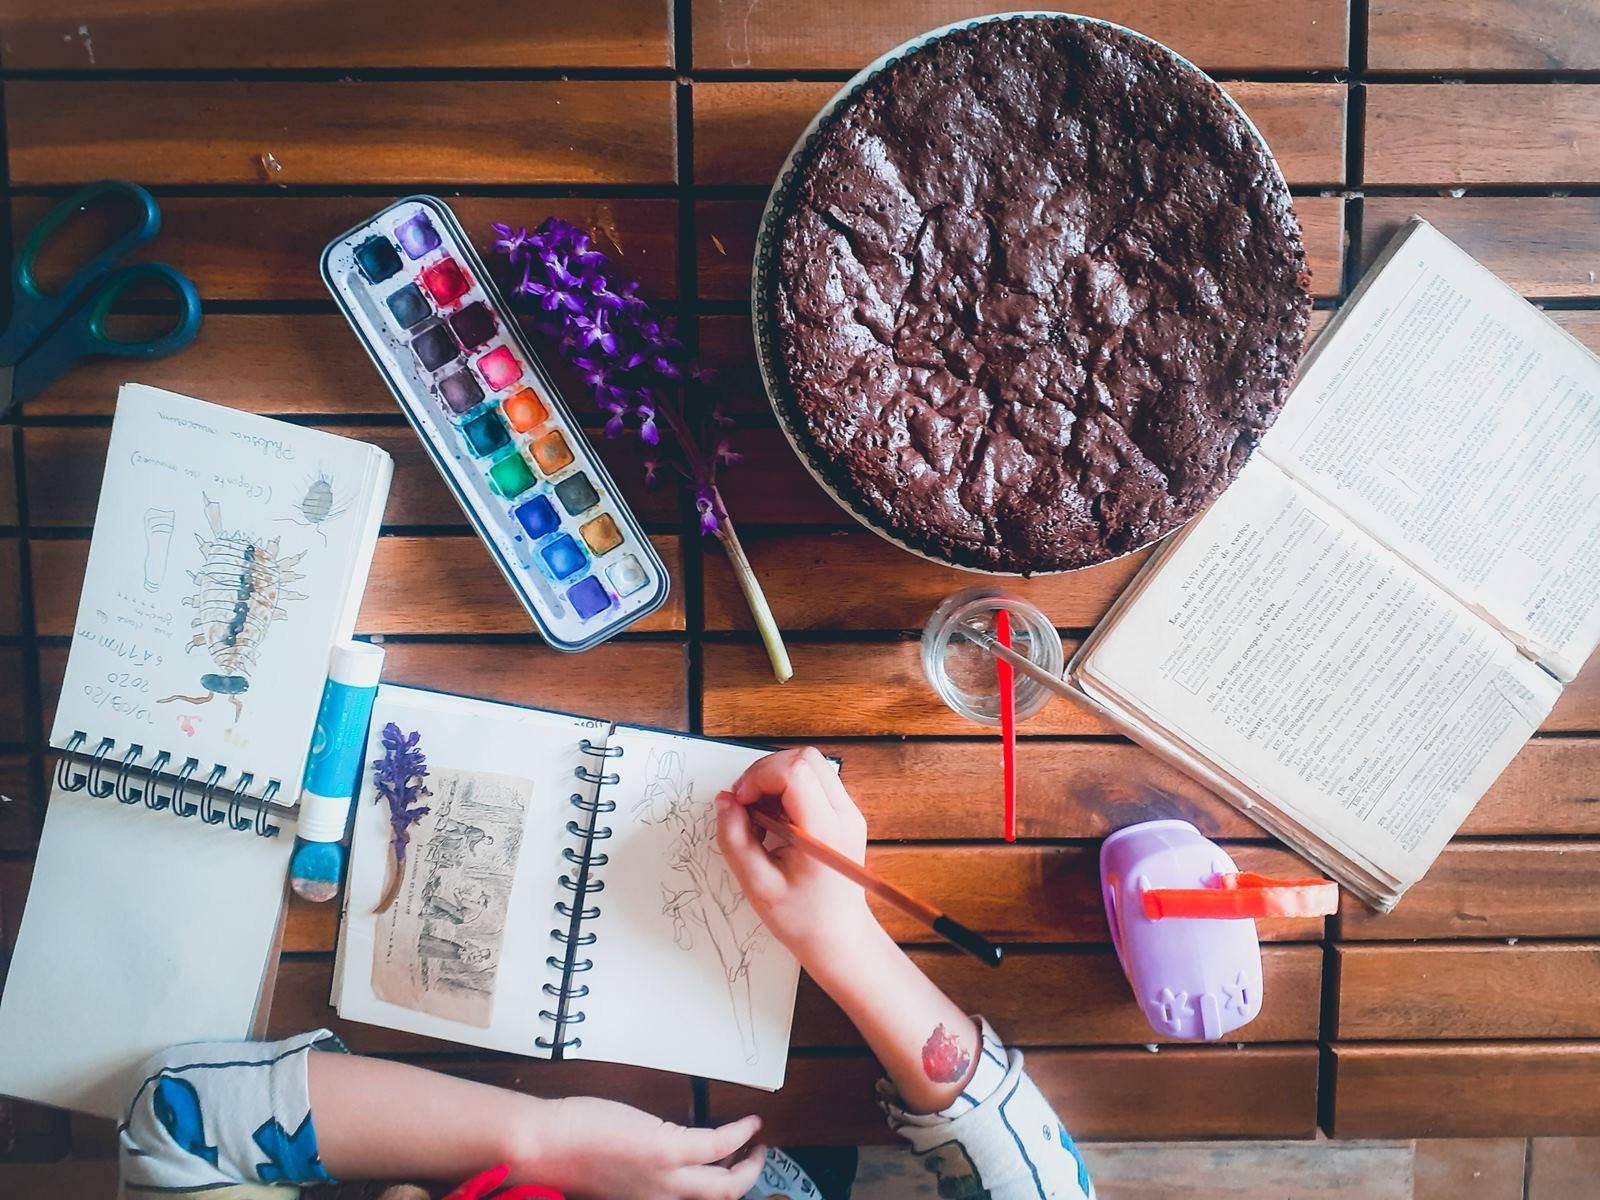 La recette du fondant au chocolat de fiston et un herbierpsx 20210425 173744